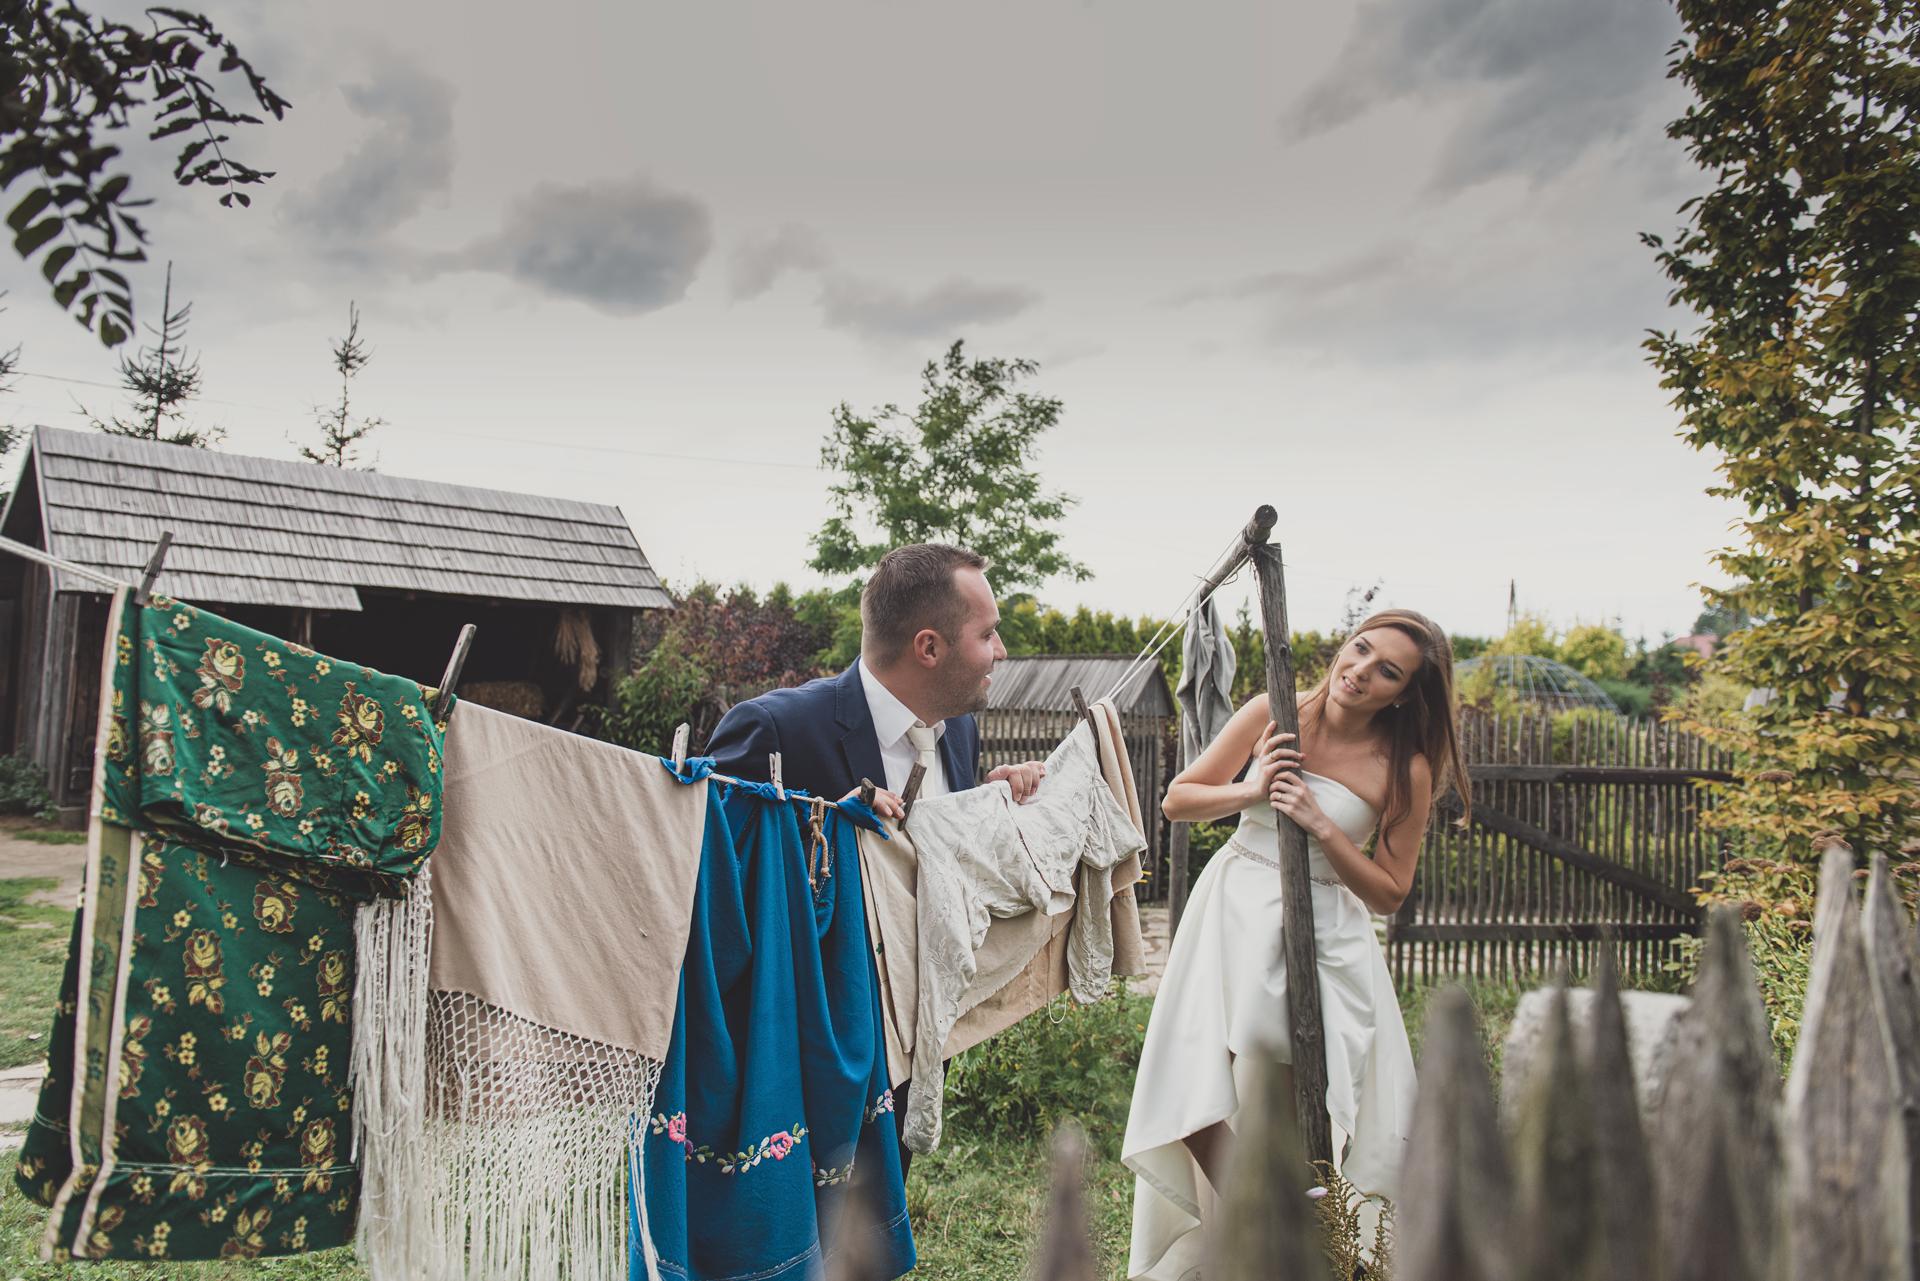 Fotografia Ślubna Kęty Małopolska Bielsko-Biała Zdjęcia Ślubne Plener Ślubny Kreatywny Kadr Ślub Ogrody Kapiasa Para Młoda